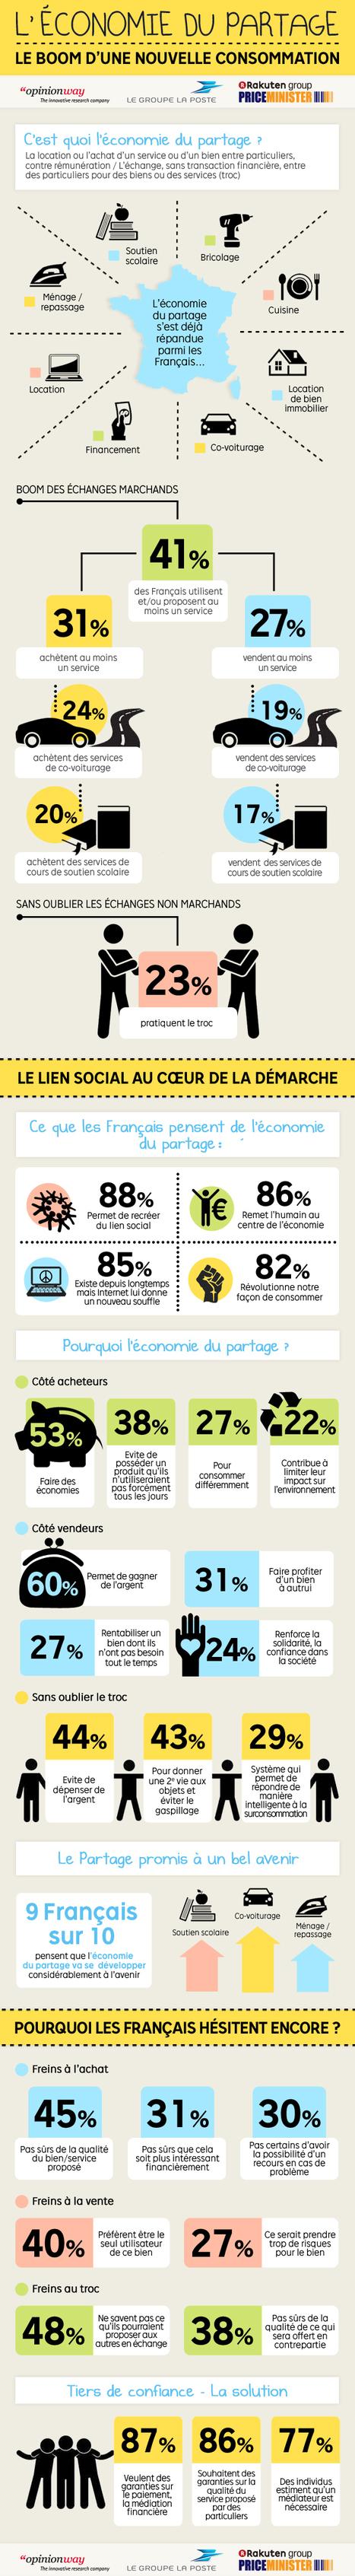 [Infographie] Pourquoi l'économie du partage ? Economie collaborative ou système D... | Enseignes et commercialité | Scoop.it